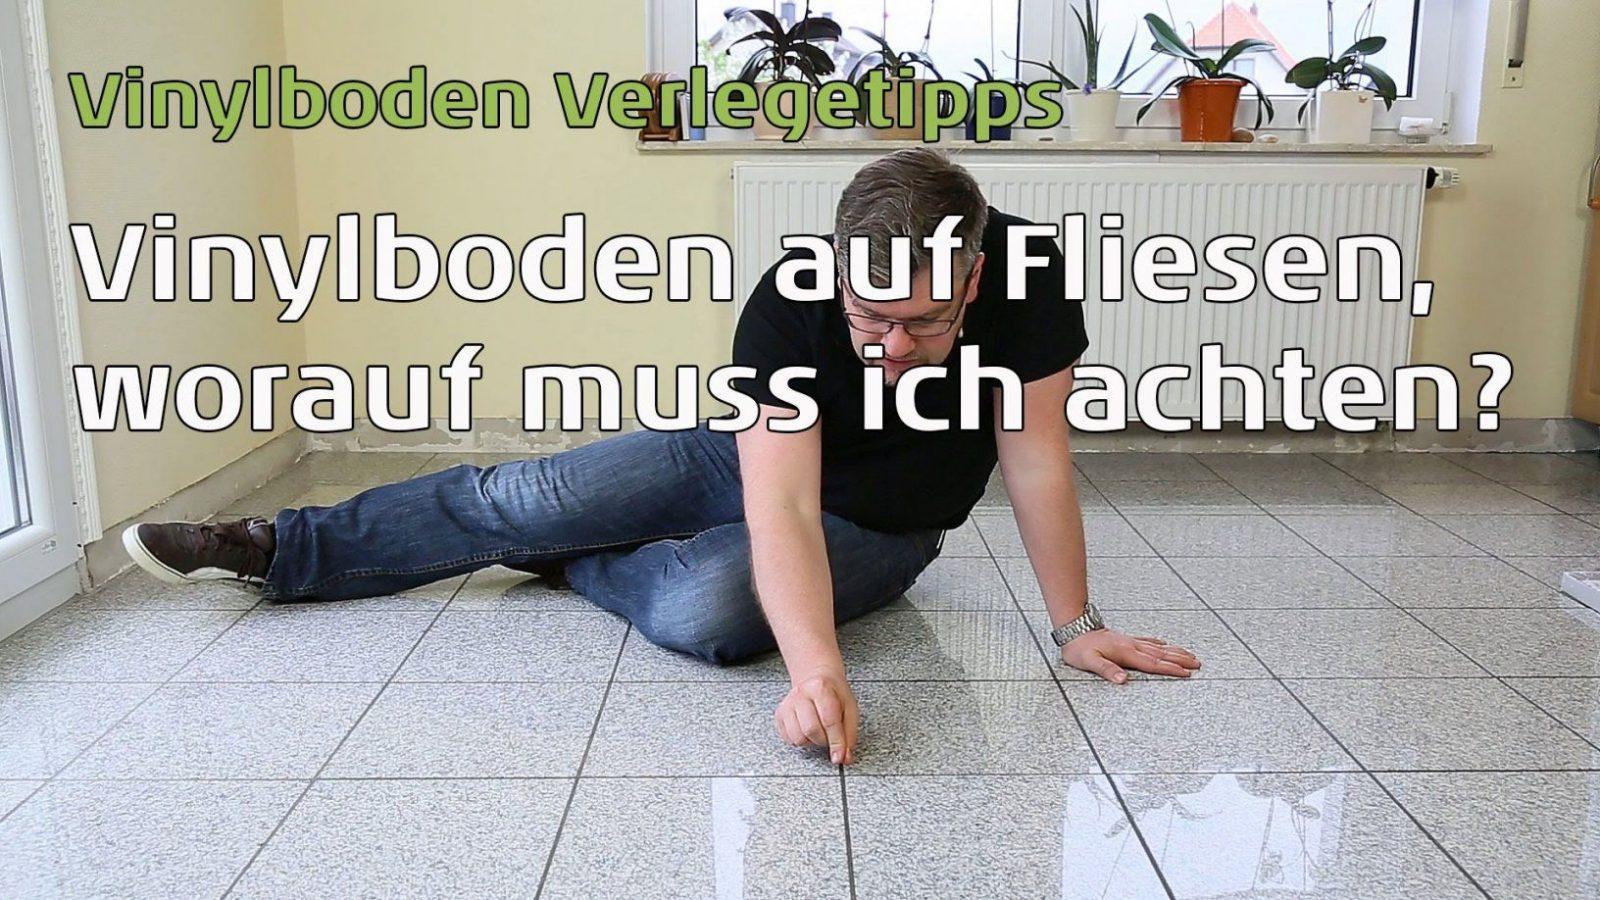 Vinylboden Auf Fliesen Verlegen Wie Breit Und Tief Darf Die Fuge von Vinyl Auf Fliesen Mit Fußbodenheizung Verlegen Photo